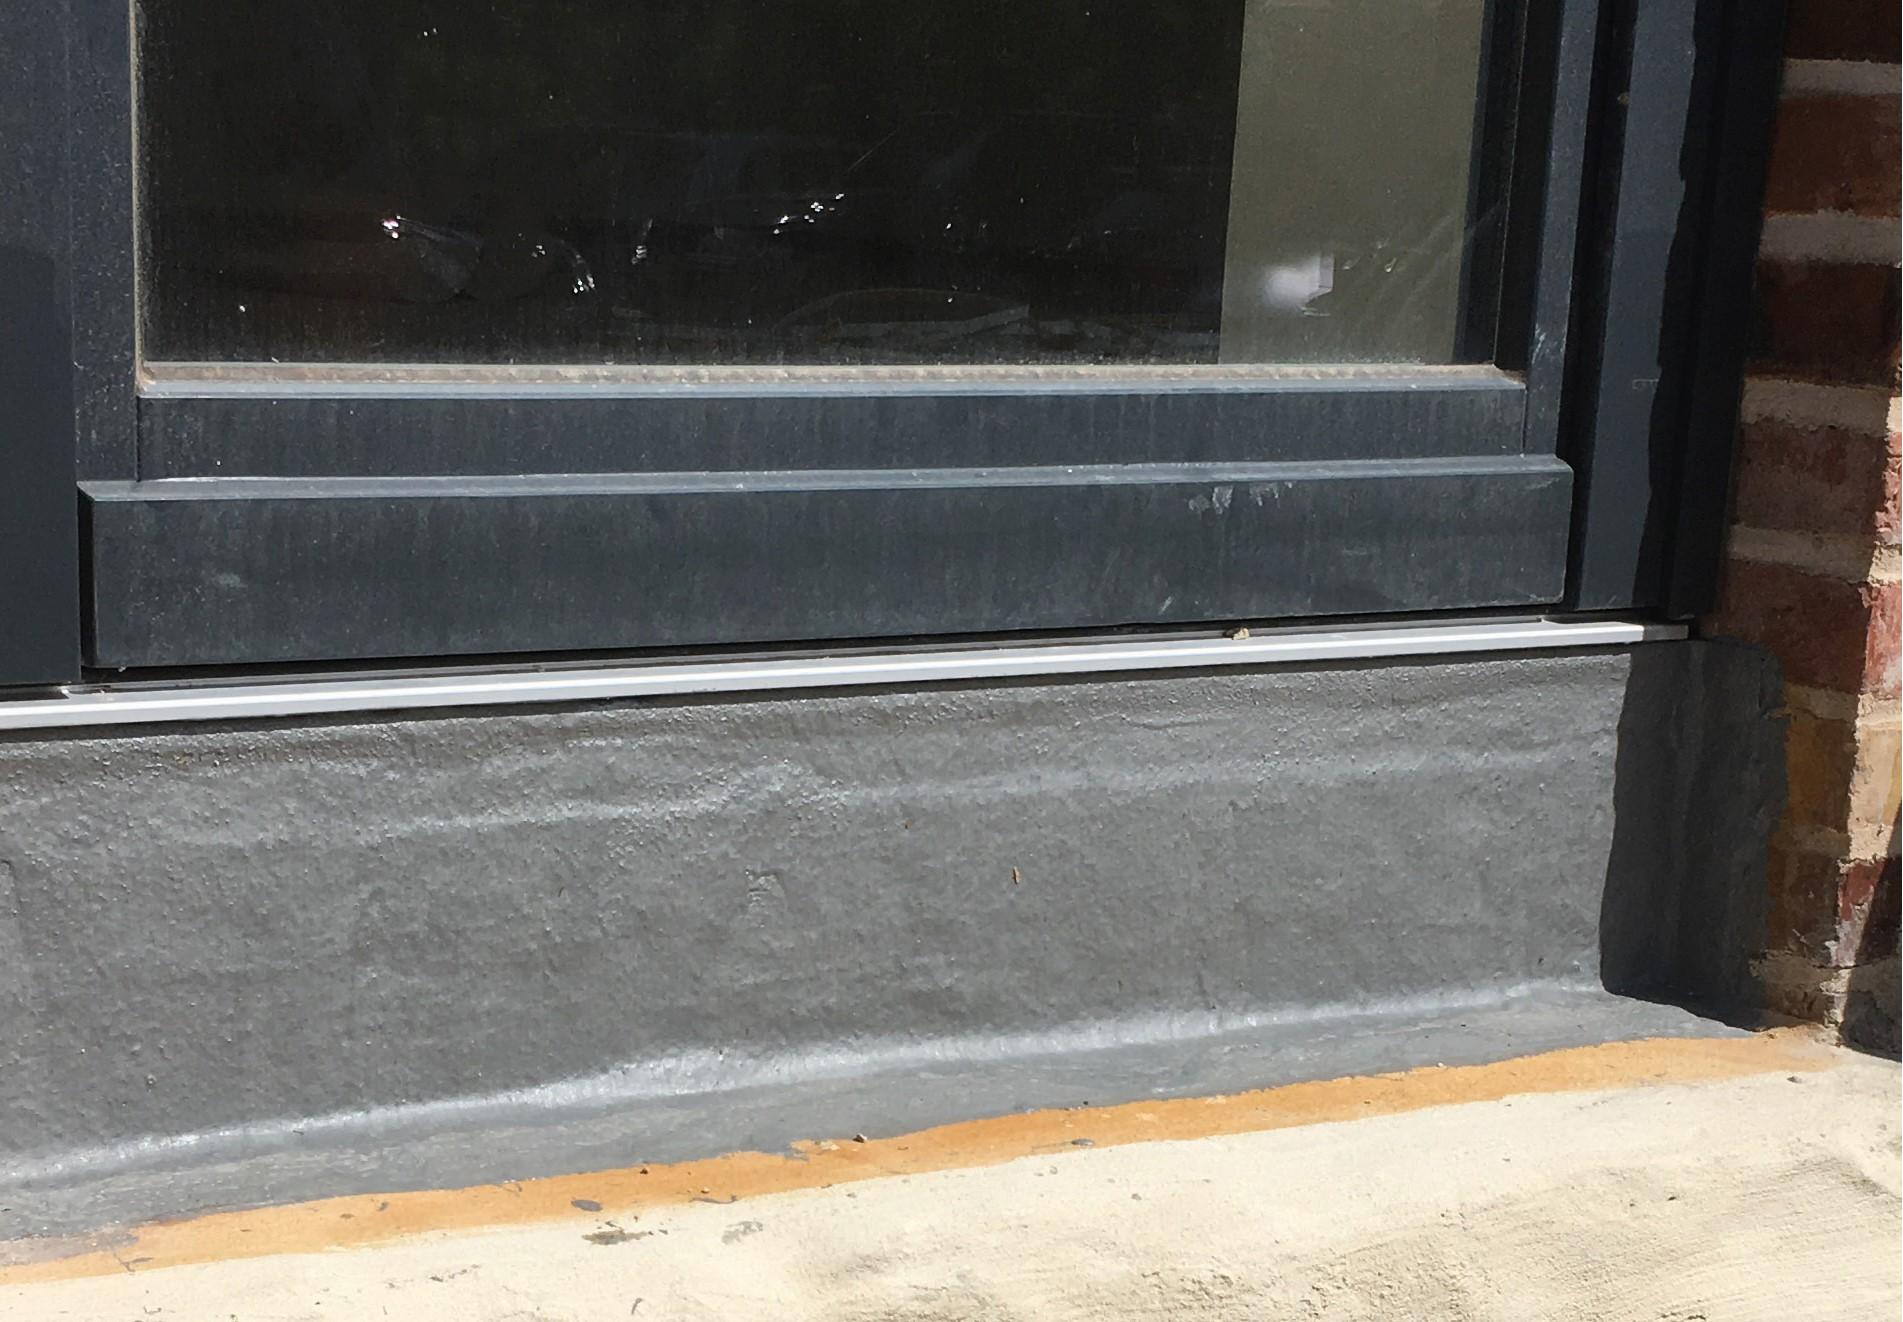 Full Size of Bodentiefe Fenster Abdichten Flexibilitt Bis Ins Detail Kunststoff Drutex Hannover Gebrauchte Kaufen Austauschen Sonnenschutz Einbruchsicherung Einbruchschutz Wohnzimmer Bodentiefe Fenster Abdichten